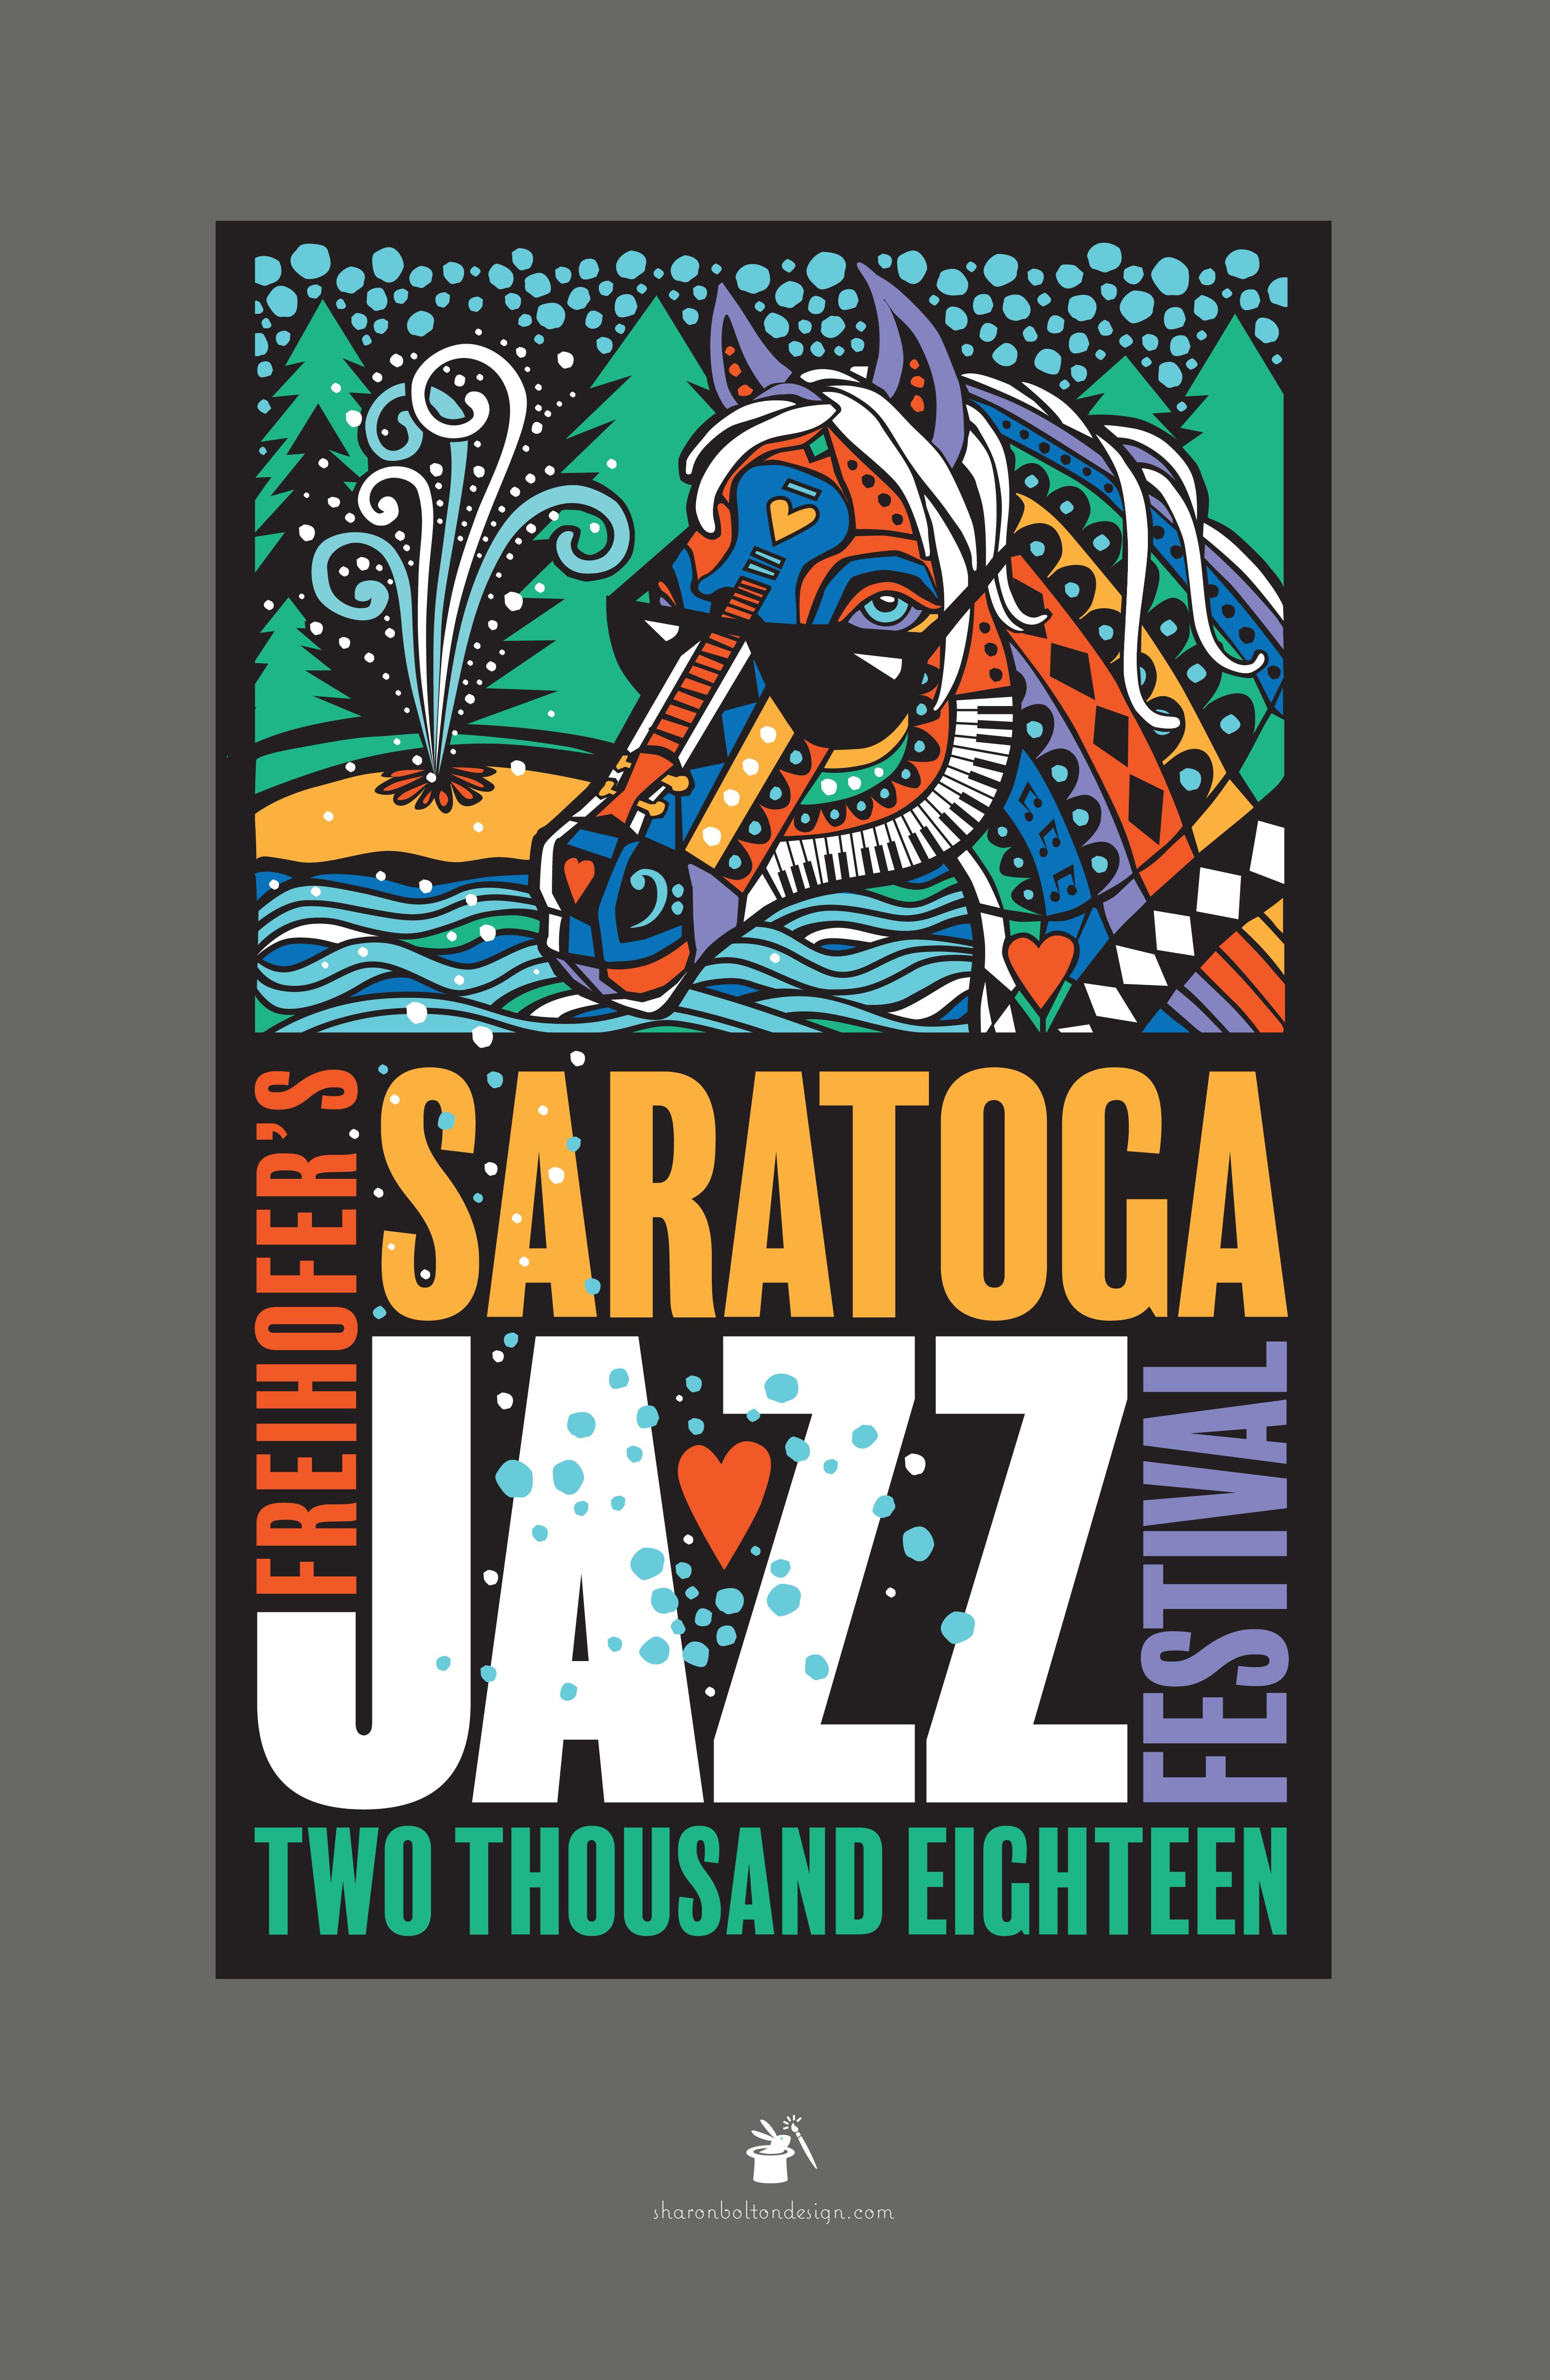 2018 Saratoga Jazz Poster